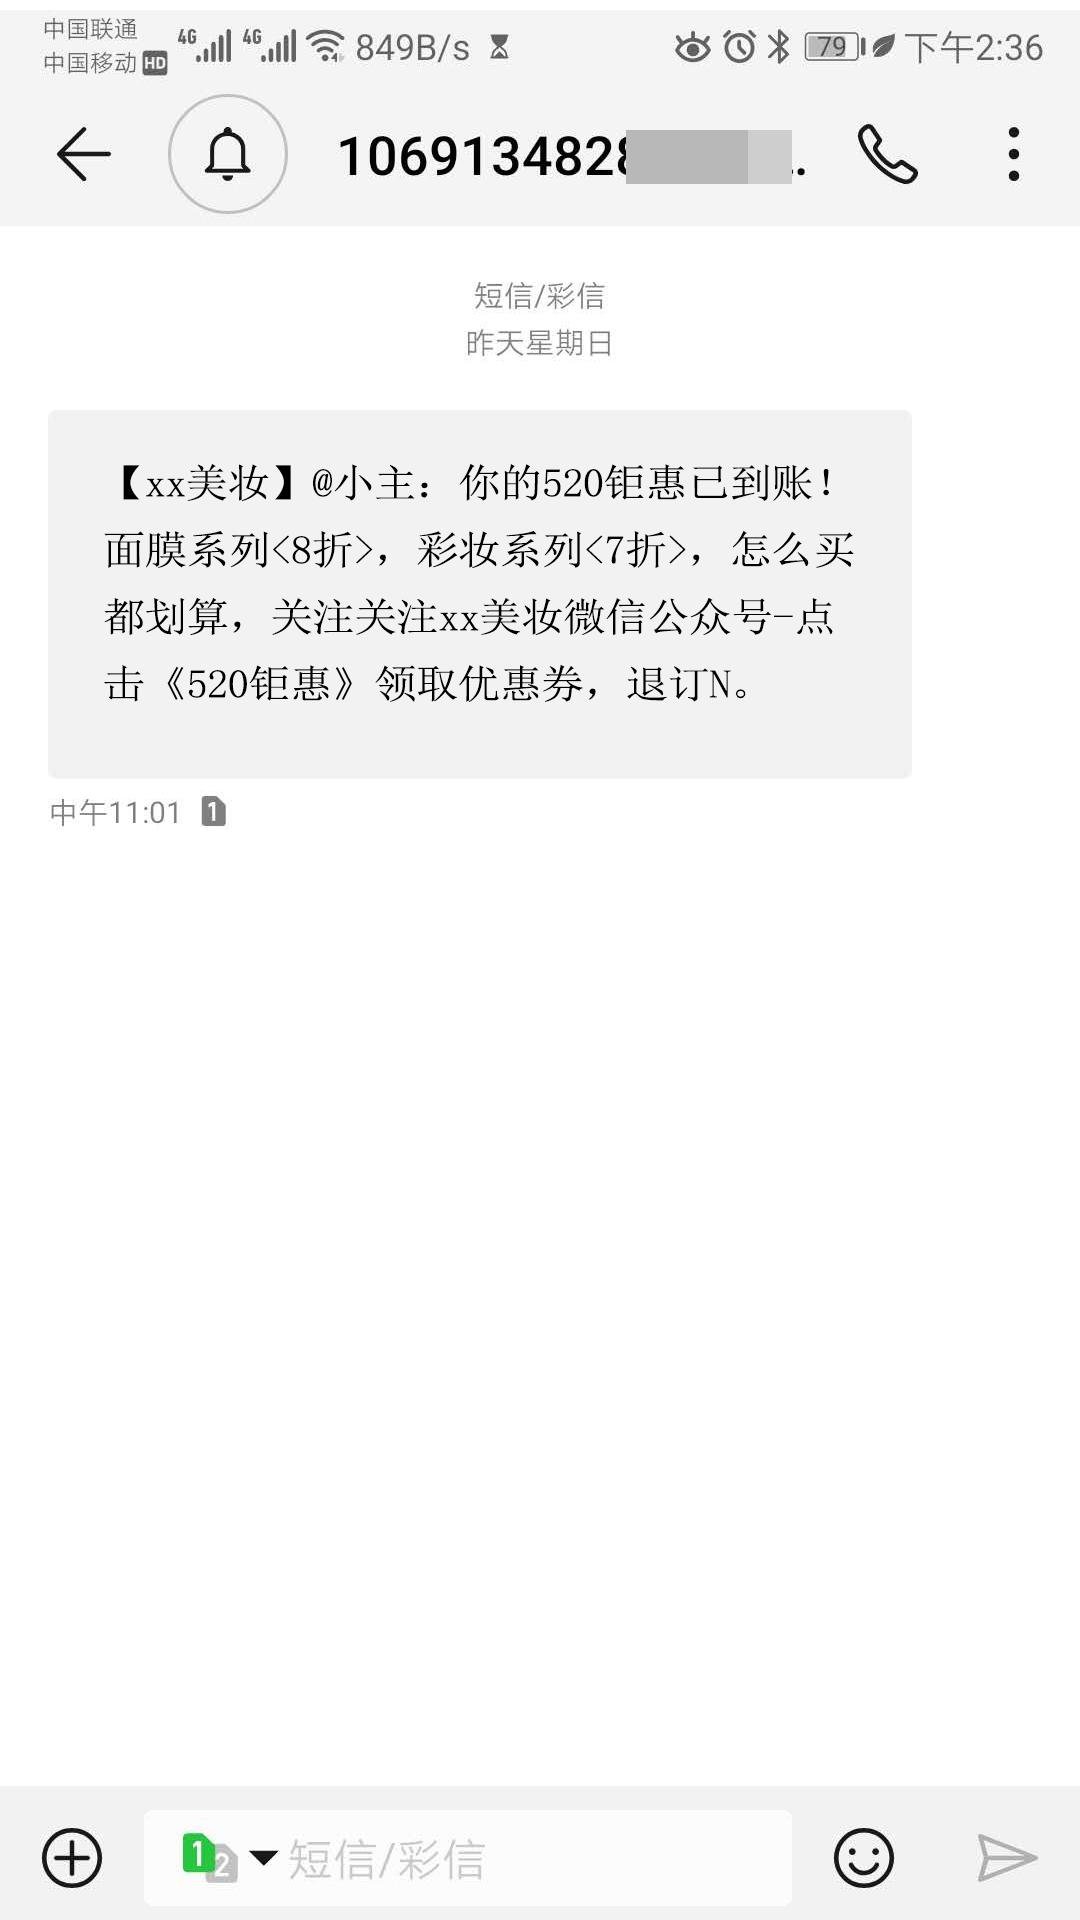 美妆护肤群发短信示例.jpg